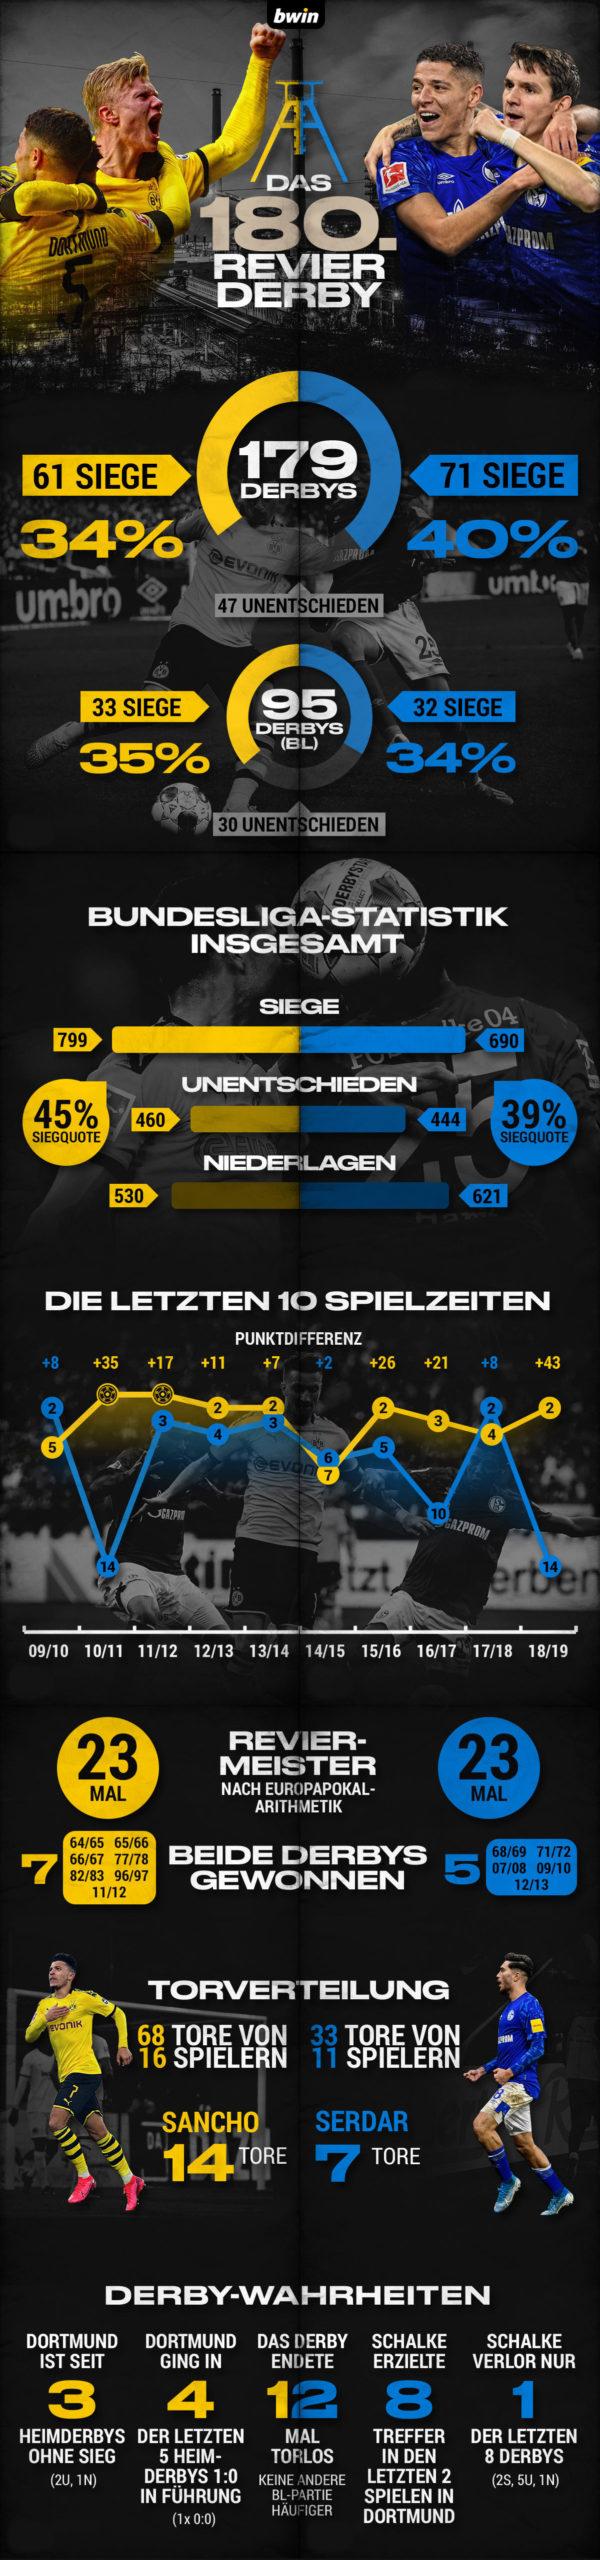 Revierderby BVB gegen Schalke